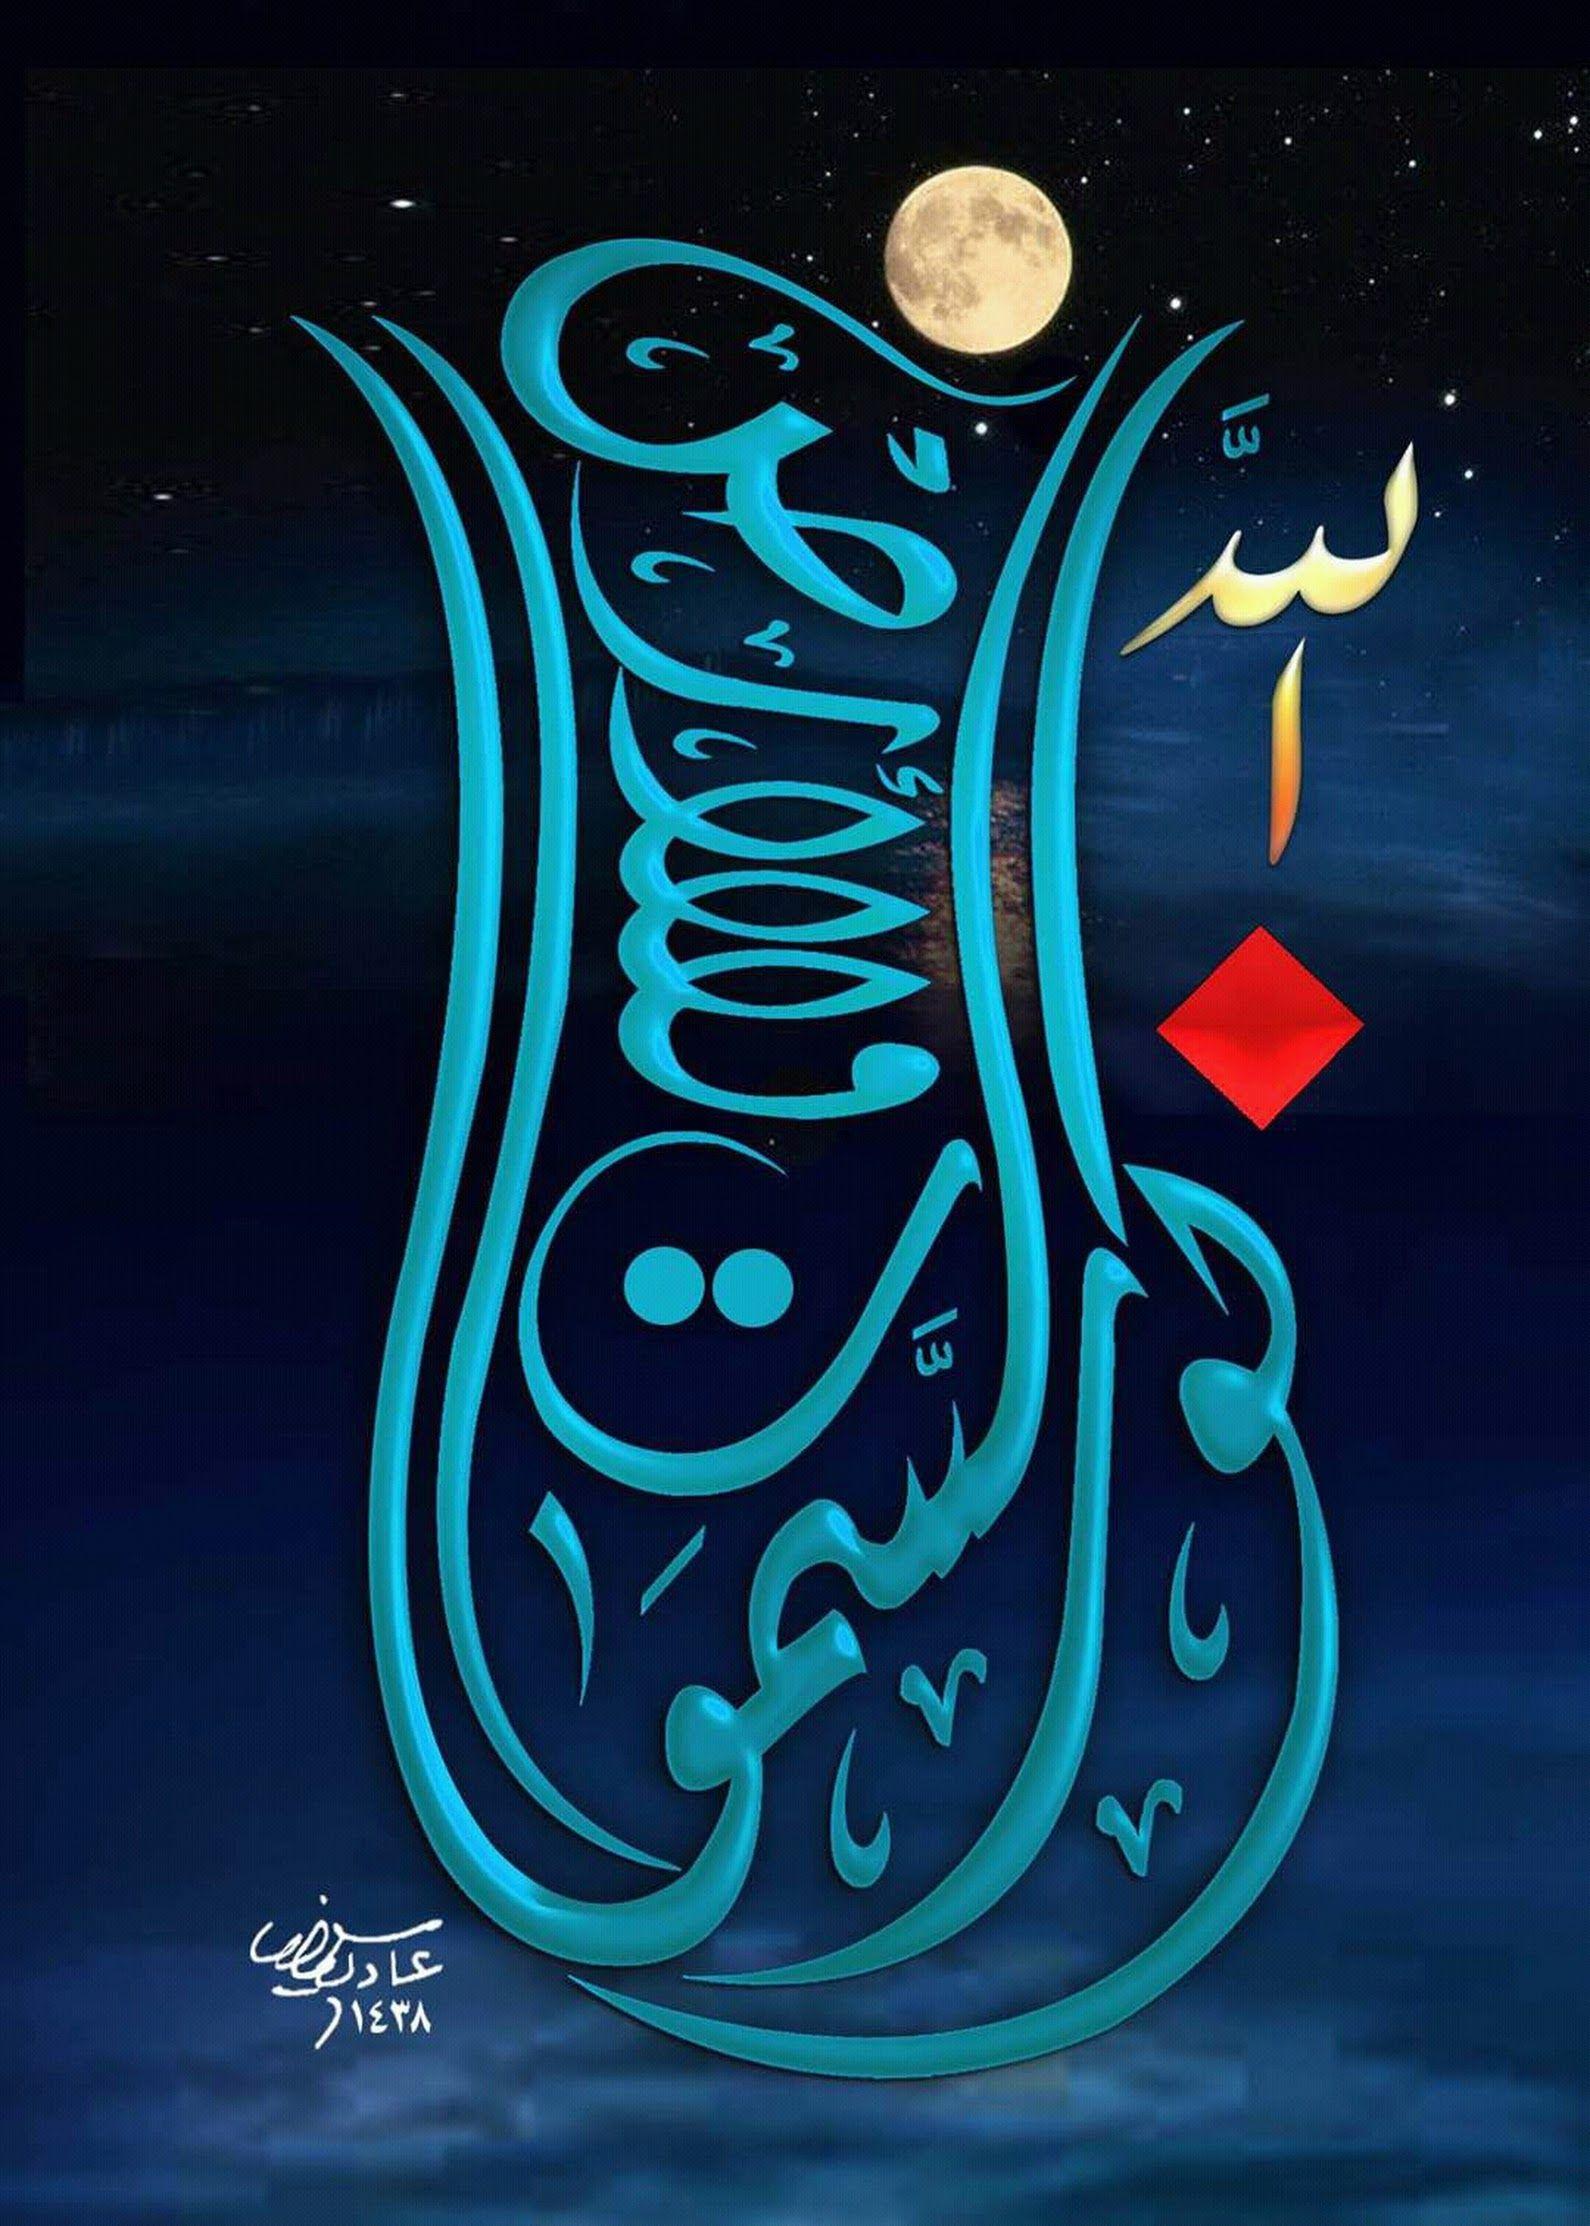 sadia malik Google+ Islami sanat, Sanat, Çizim